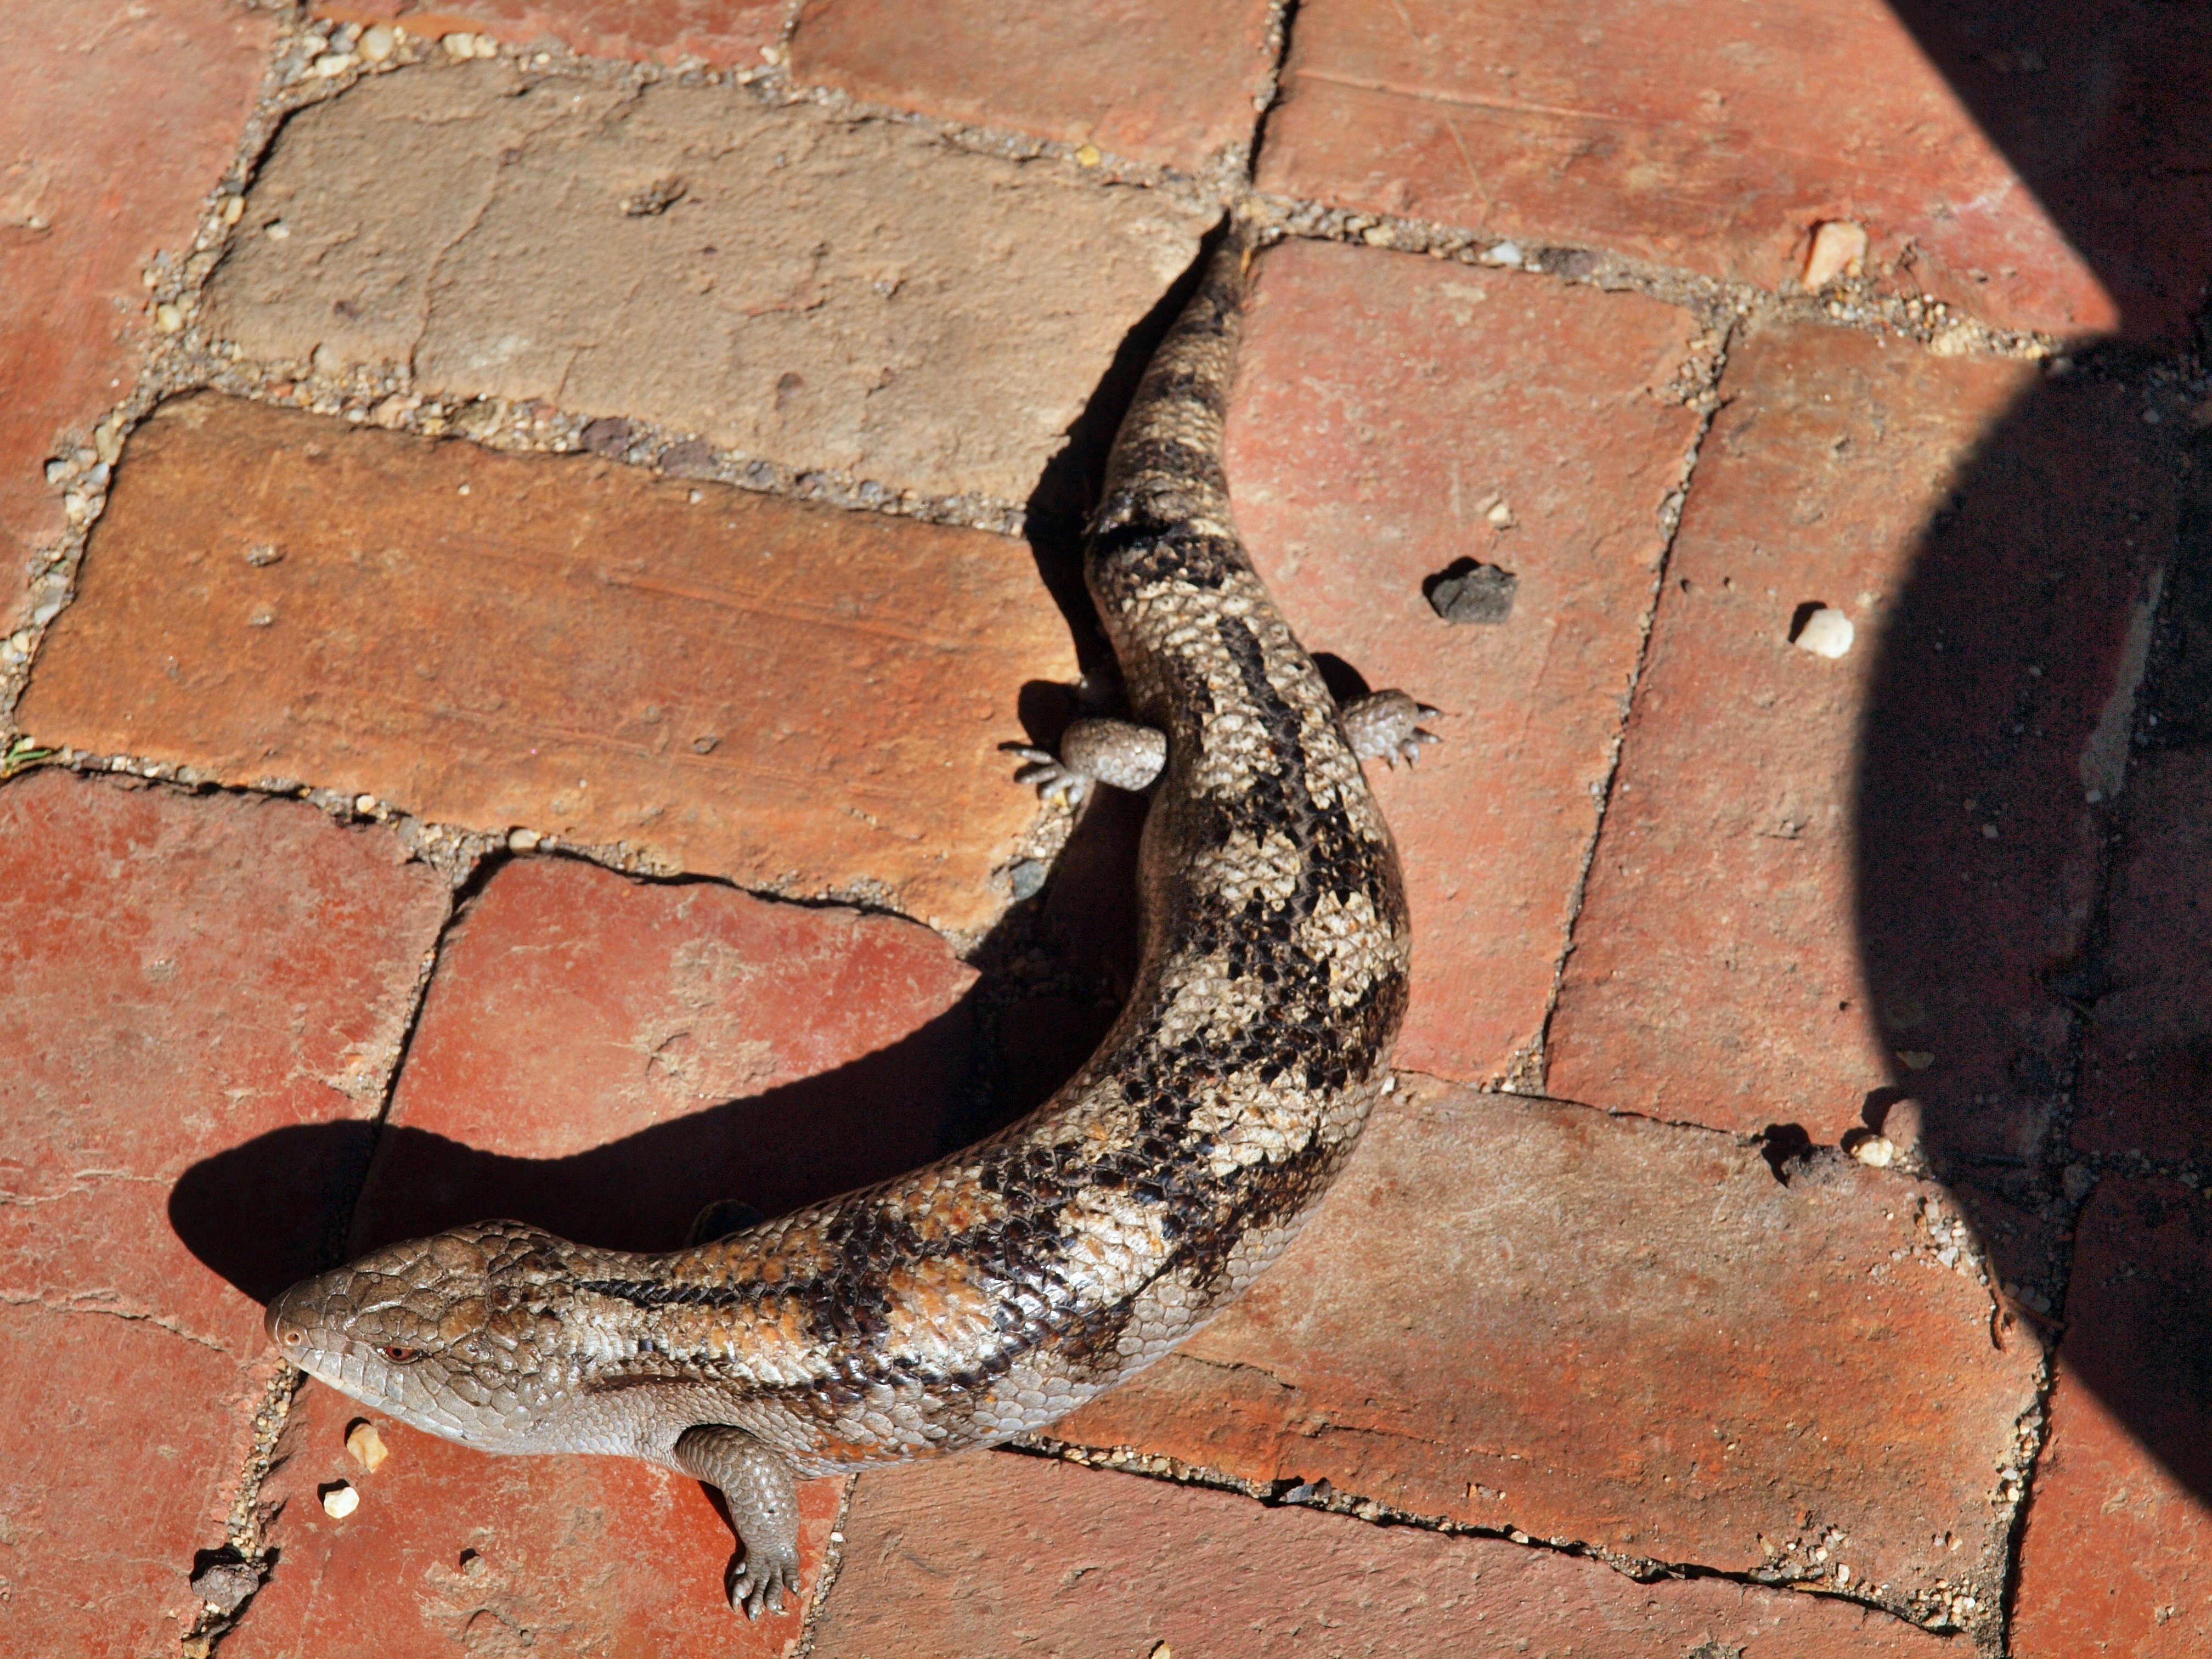 Lizard-2.jpeg